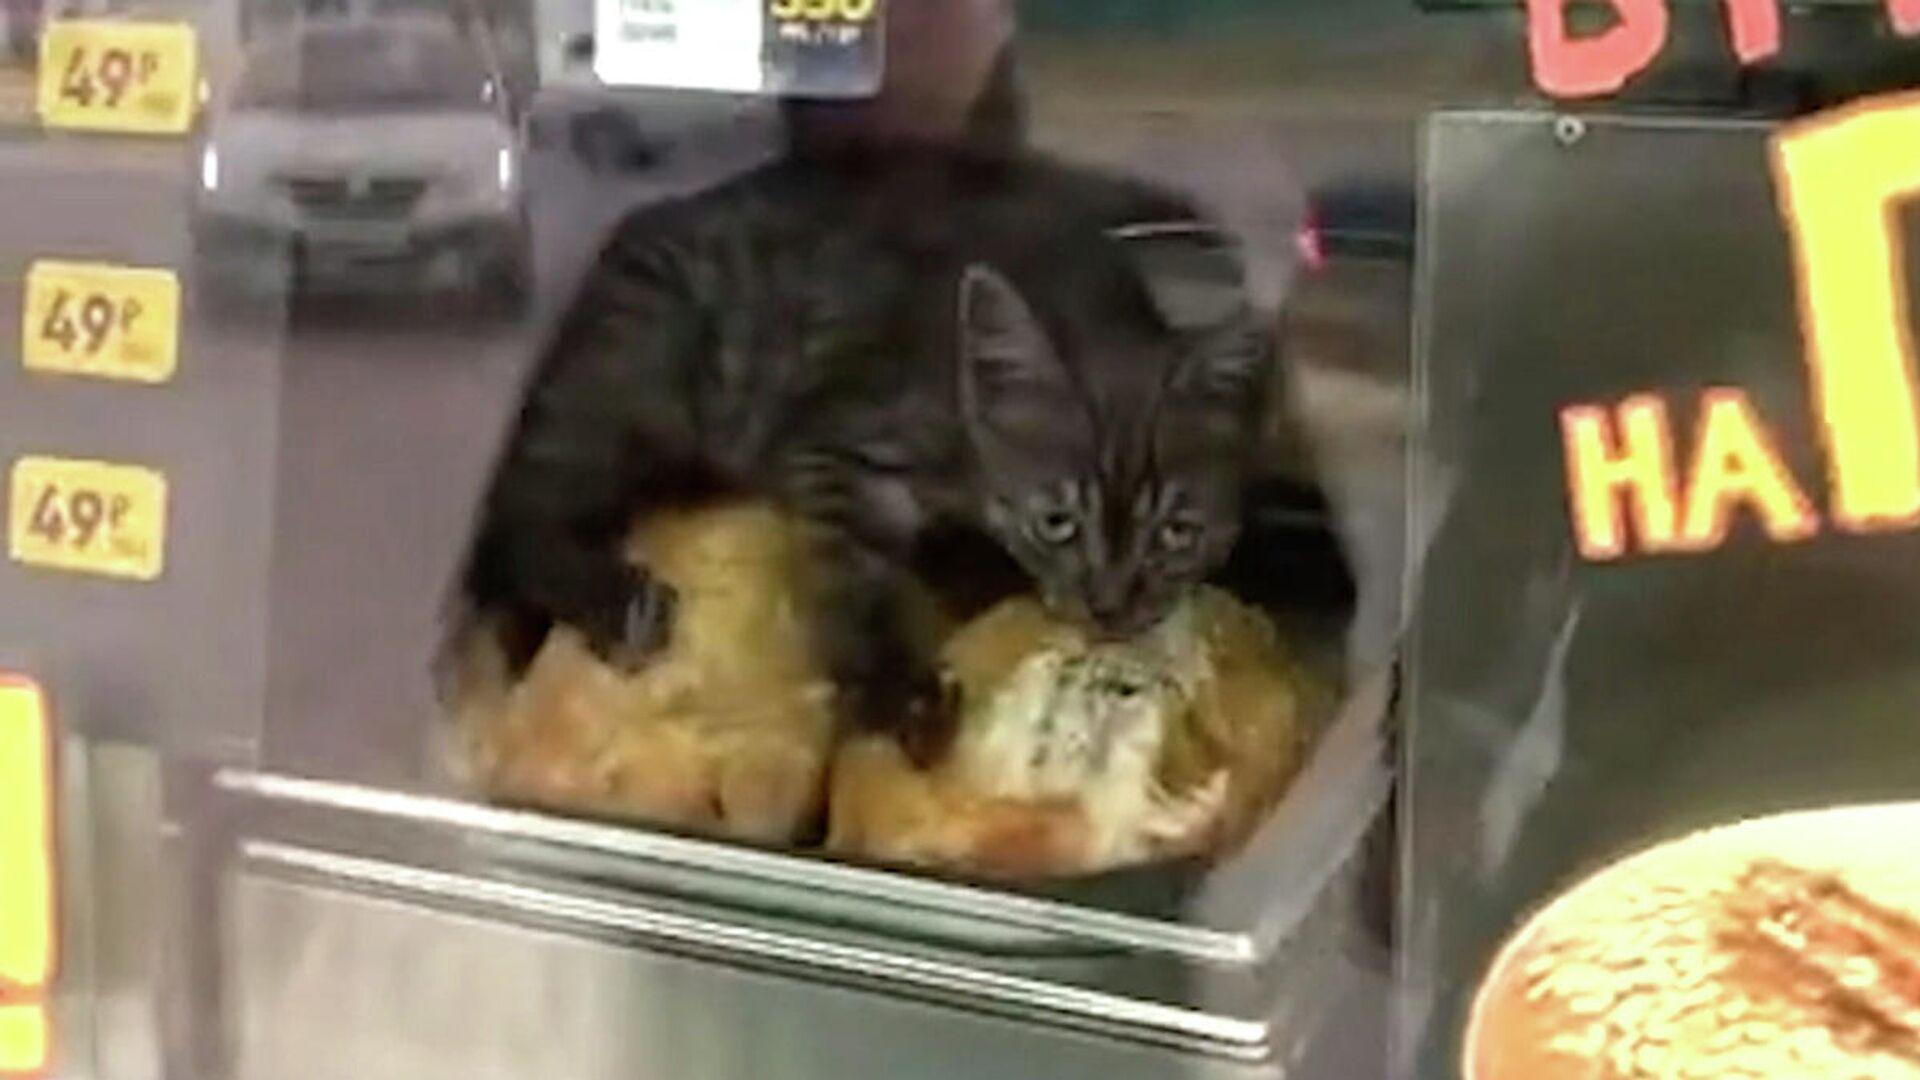 Αδέσποτο γατάκι ζει το απόλυτο όνειρο σε καντίνα με ψητά κοτόπουλα - Sputnik Ελλάδα, 1920, 08.10.2021